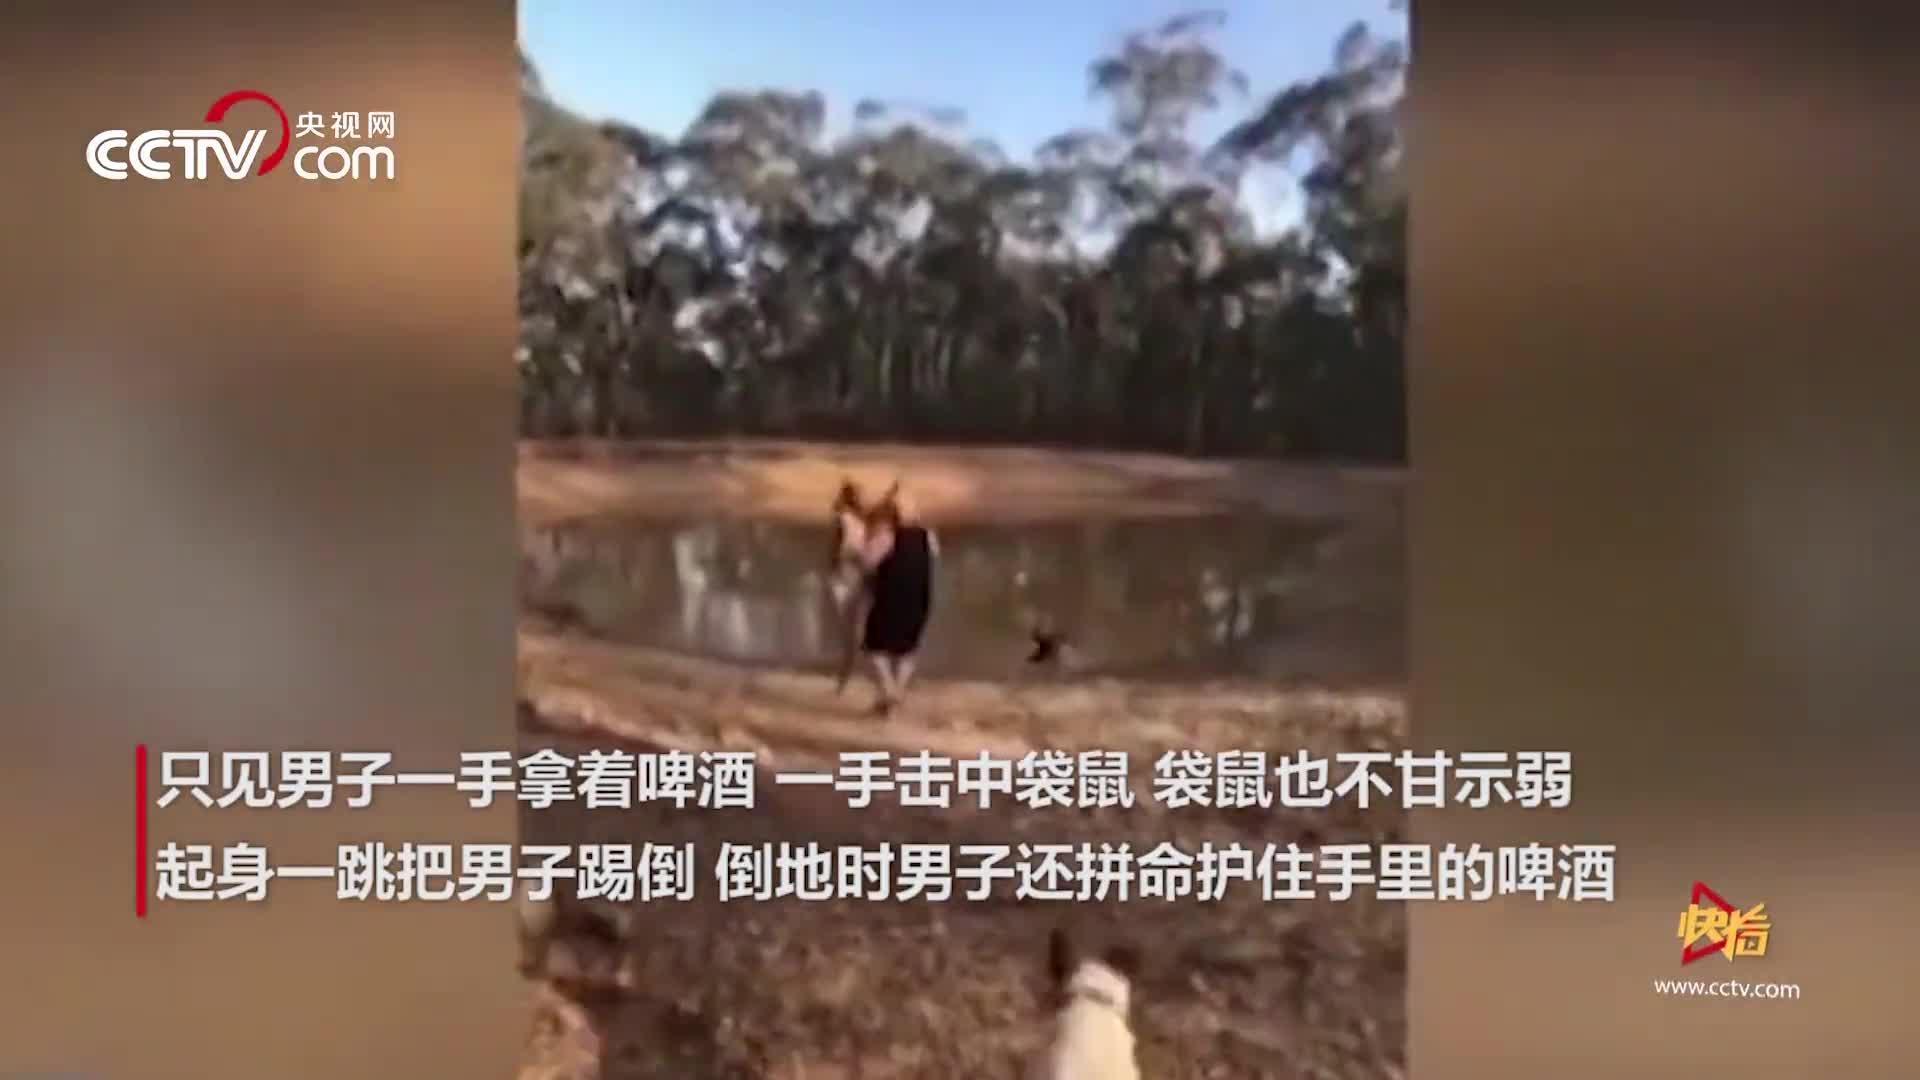 """[视频]男子手持酒瓶与袋鼠互殴 被""""旋风脚""""踹倒一秒KO"""